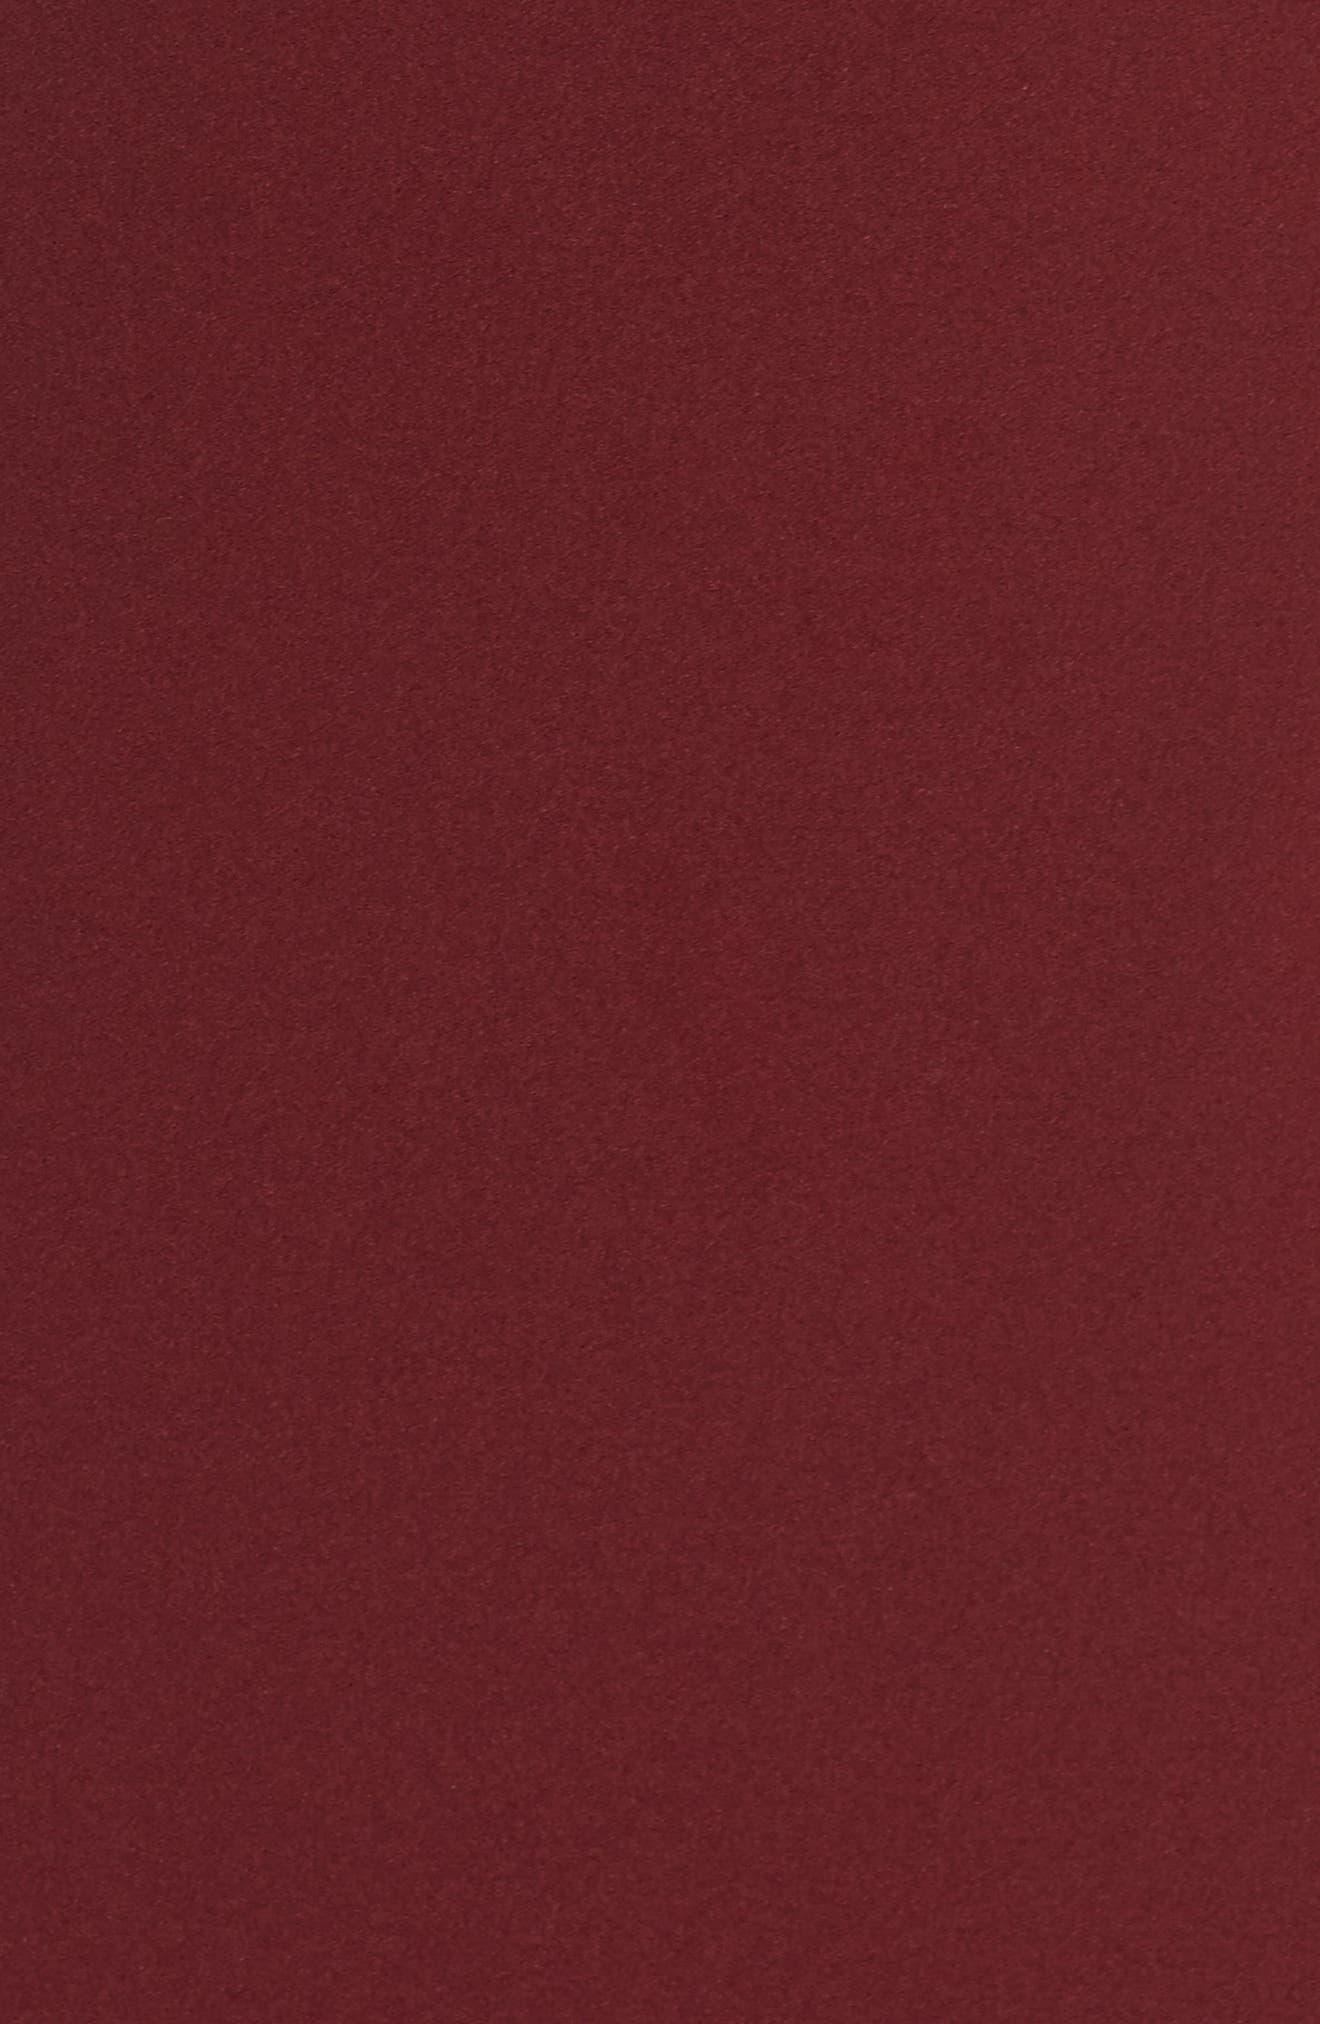 Titan One-Shoulder Cutout Crepe Gown,                             Alternate thumbnail 5, color,                             Bordeaux